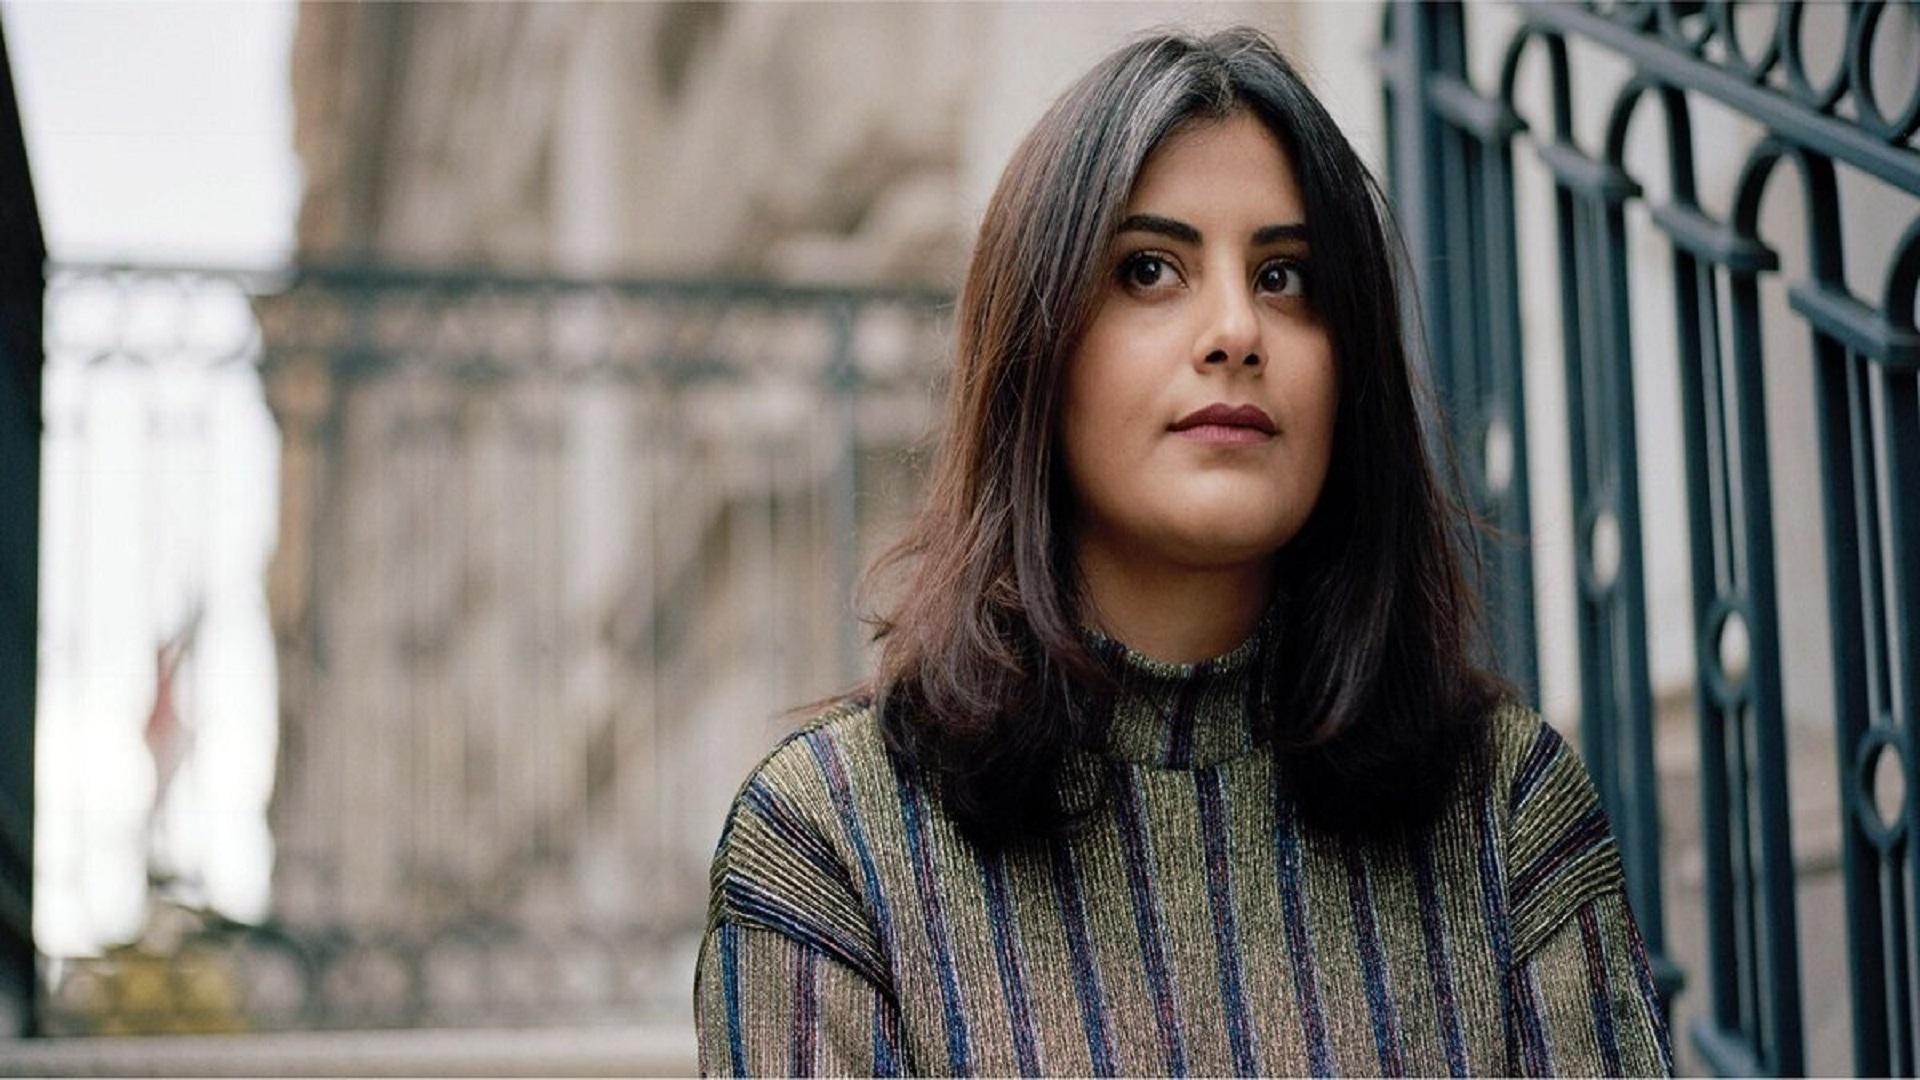 هل سيفرج عن الناشطة السعودية لجين الهذلول قريبا؟